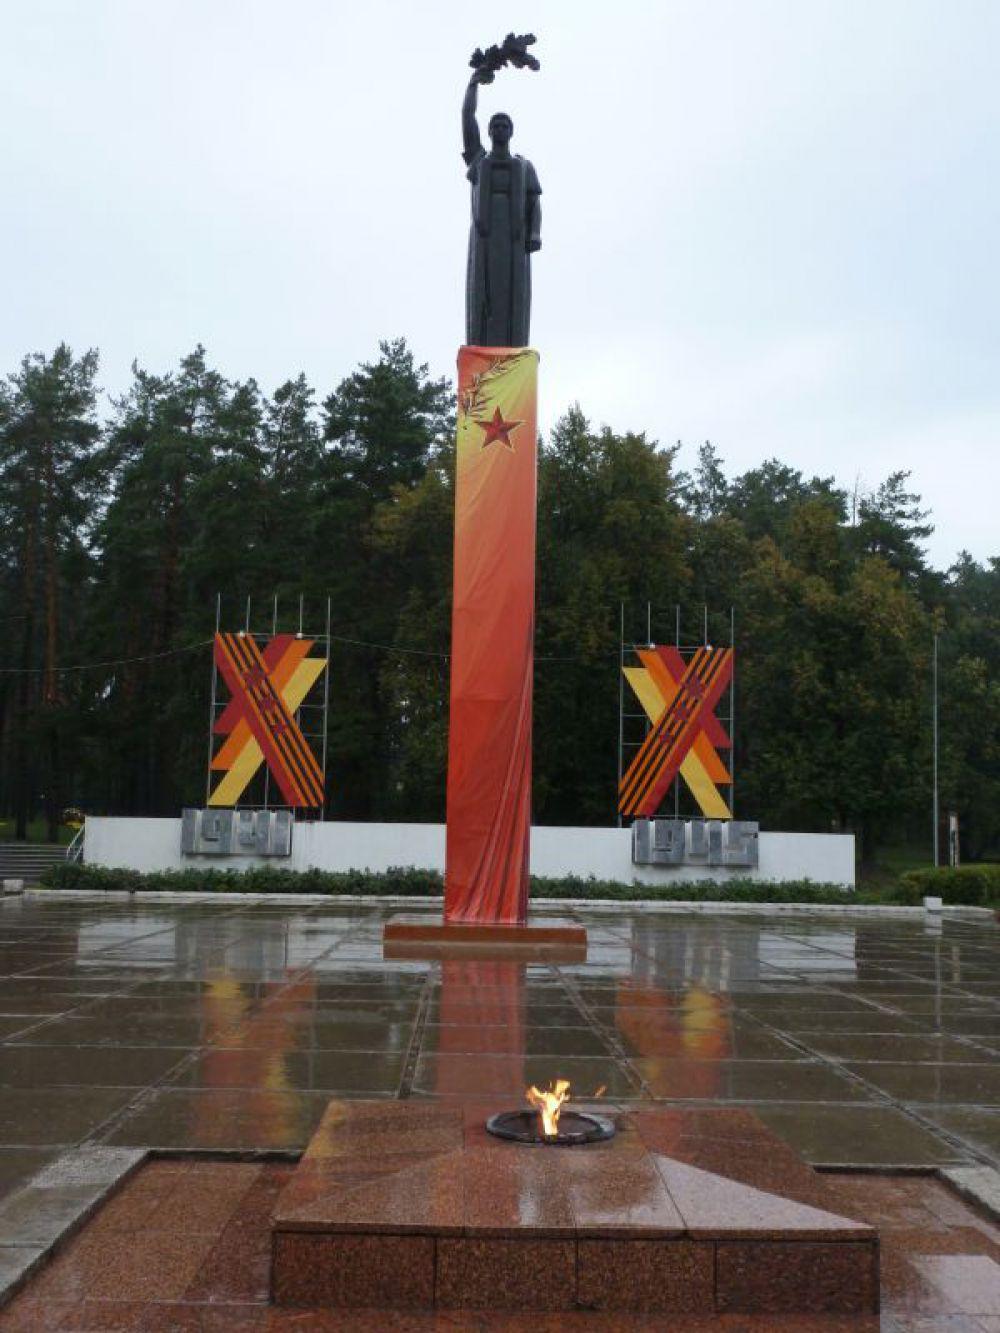 Димитровград: достойный мемориальный комплекс павшим с постоянно действующим Вечным огнём